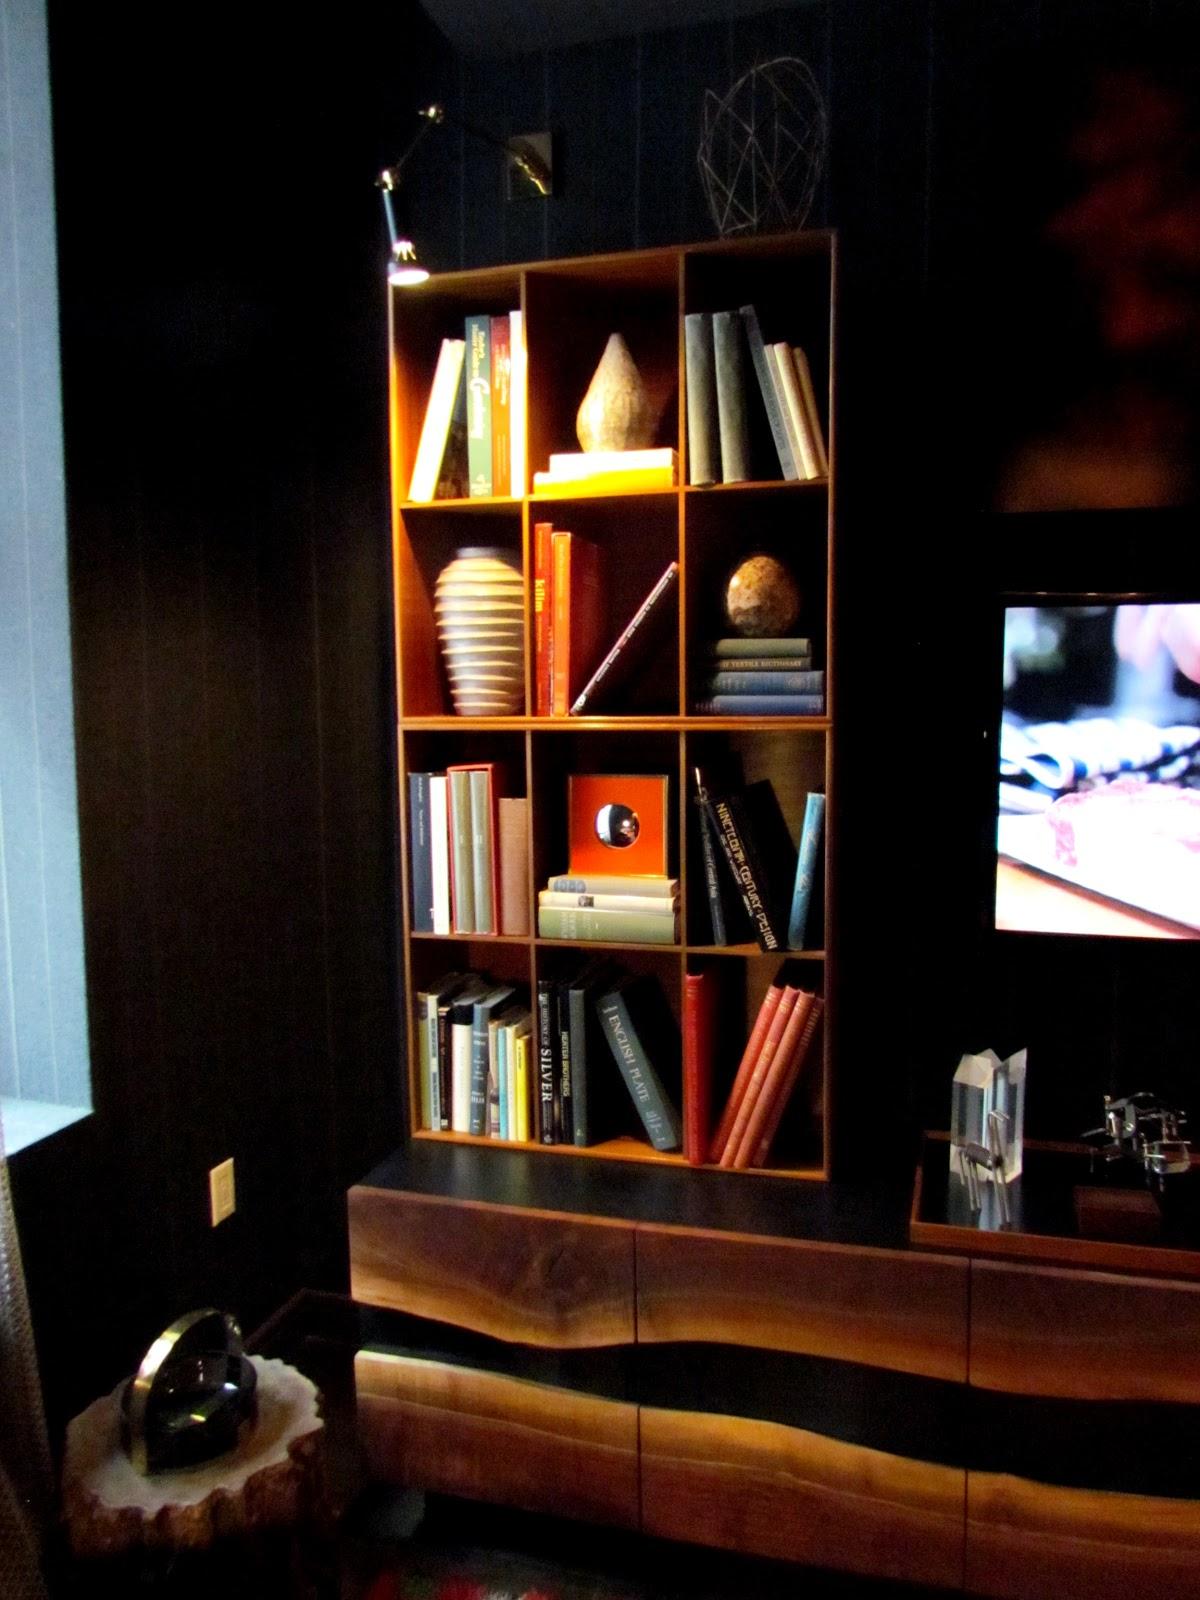 Wondrous Dec A Porter Imagination Home Designer Visions David Rockwell Inspirational Interior Design Netriciaus